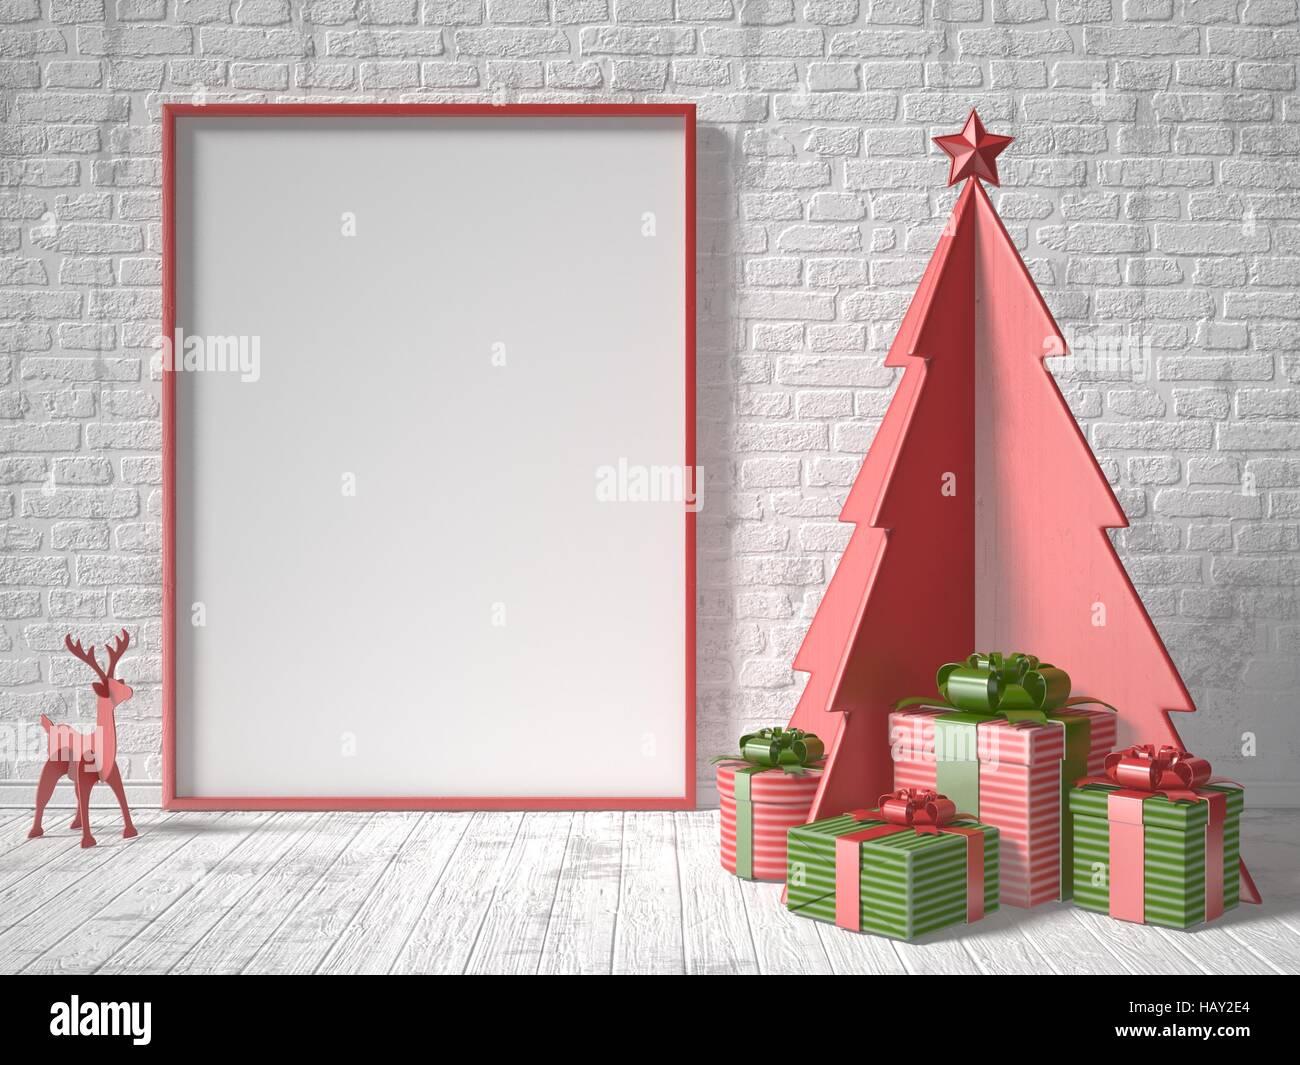 Mock Up Leeren Bilderrahmen Weihnachtsbaum Dekoration Und Geschenke